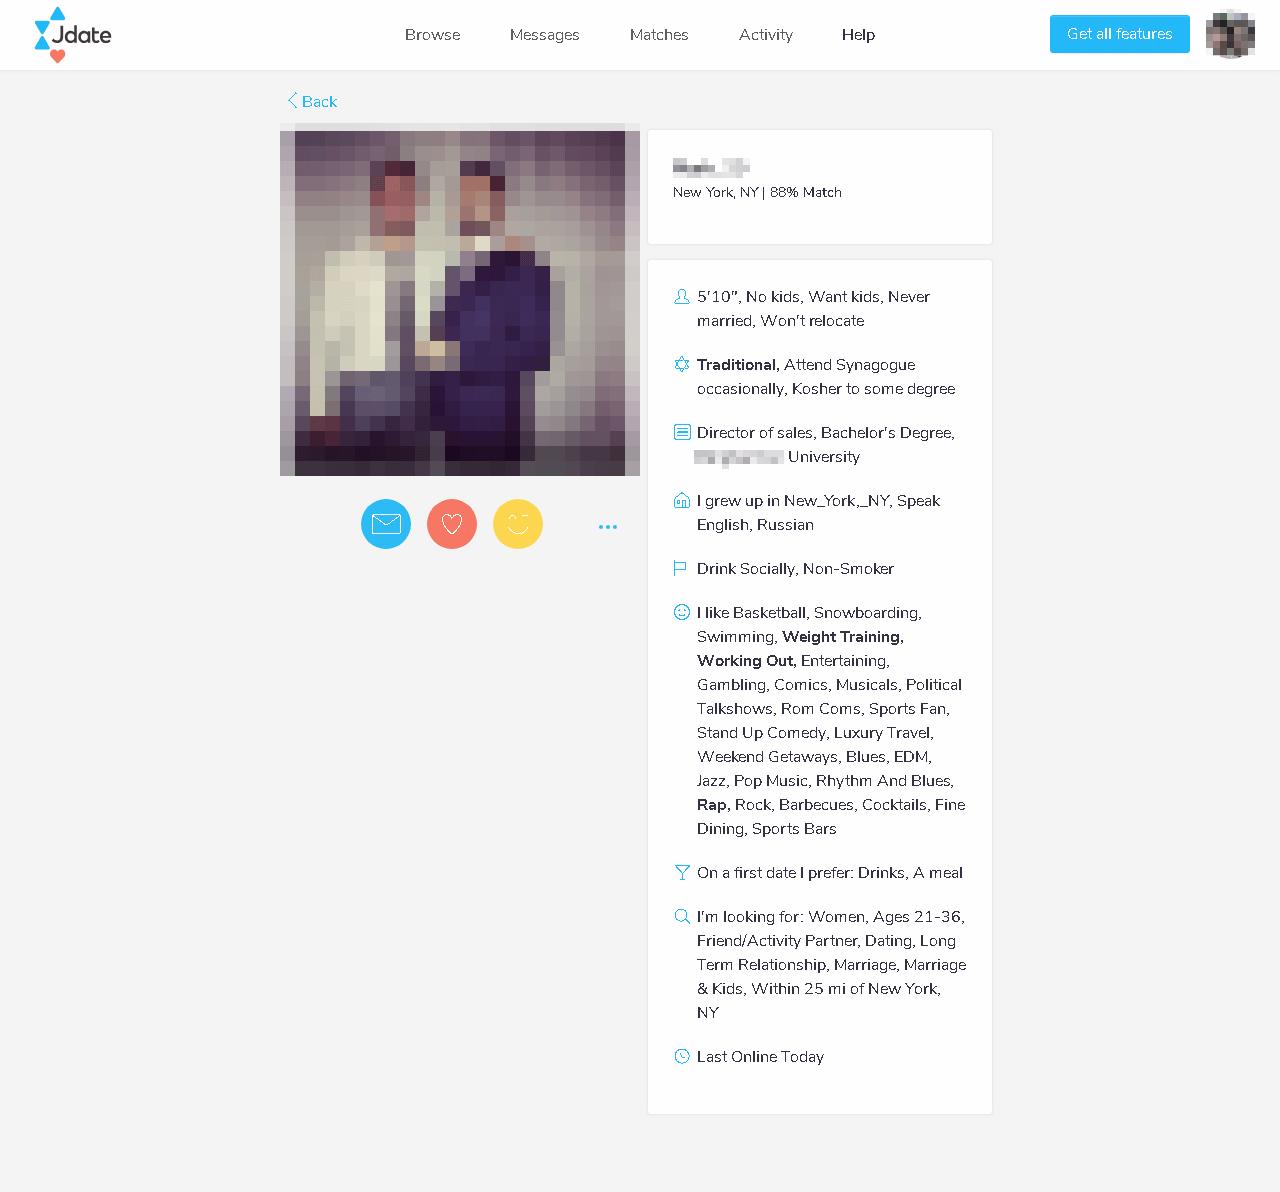 Jdate Profile